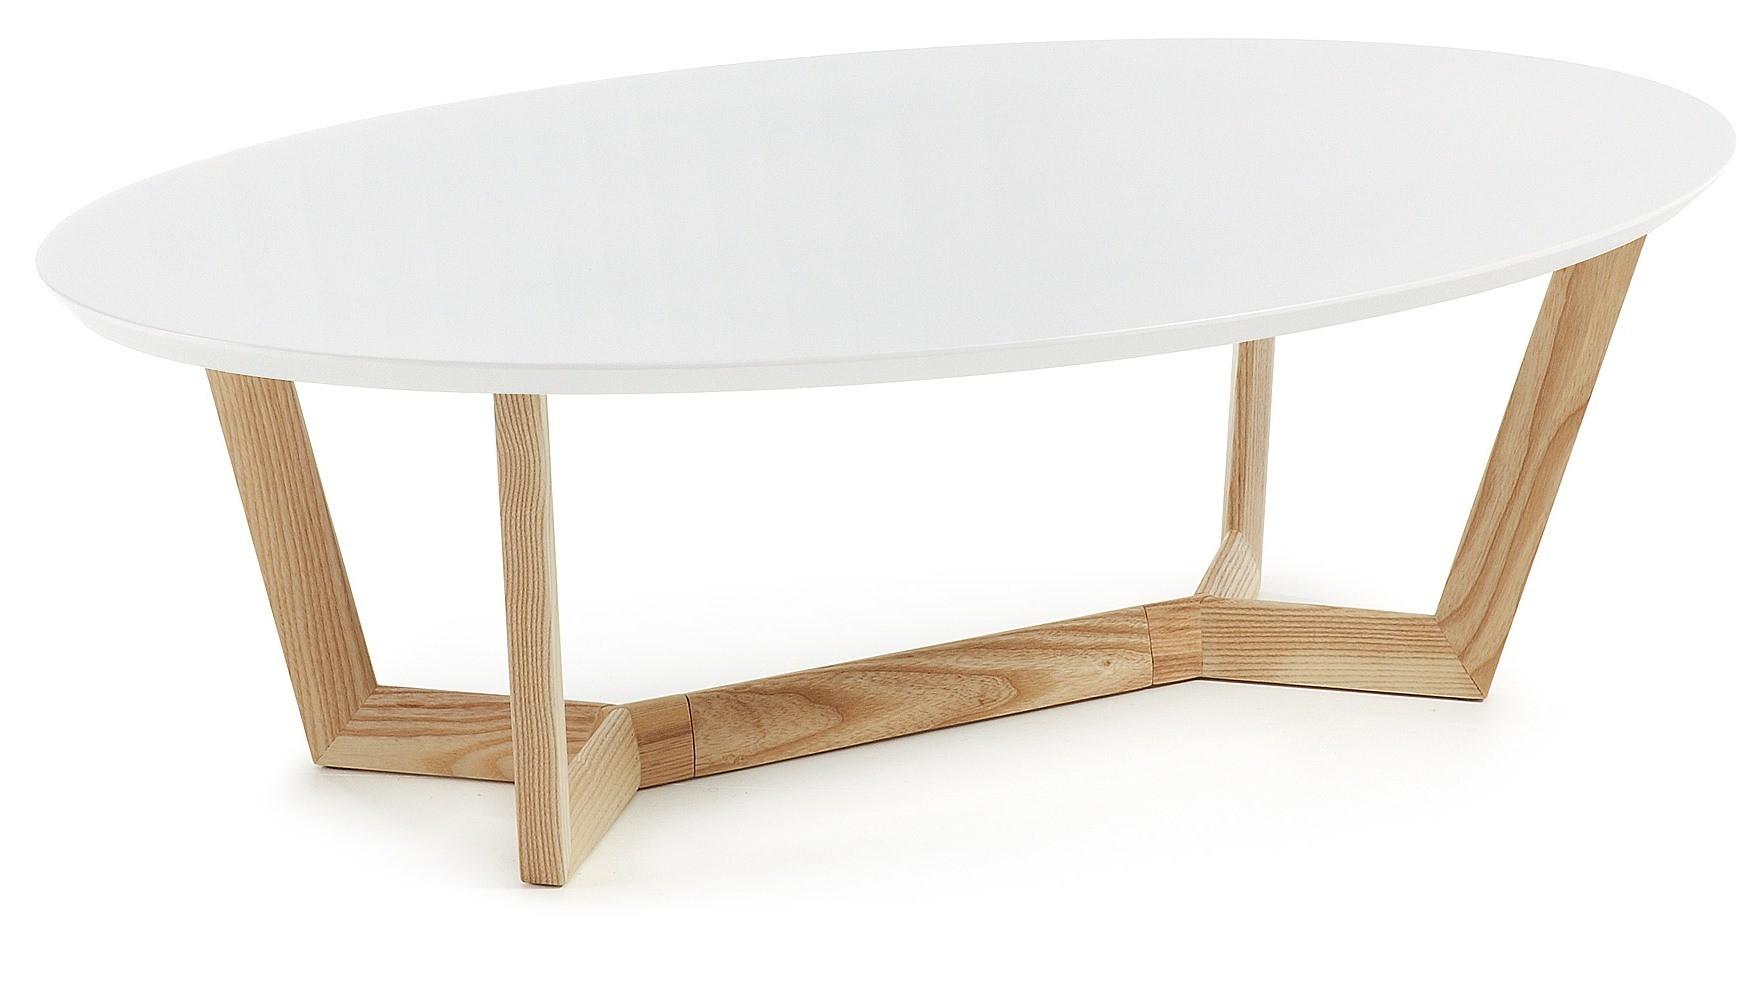 ABOCA tavolino ovale piano laccato bianco gambe in legno - Livitalia ...